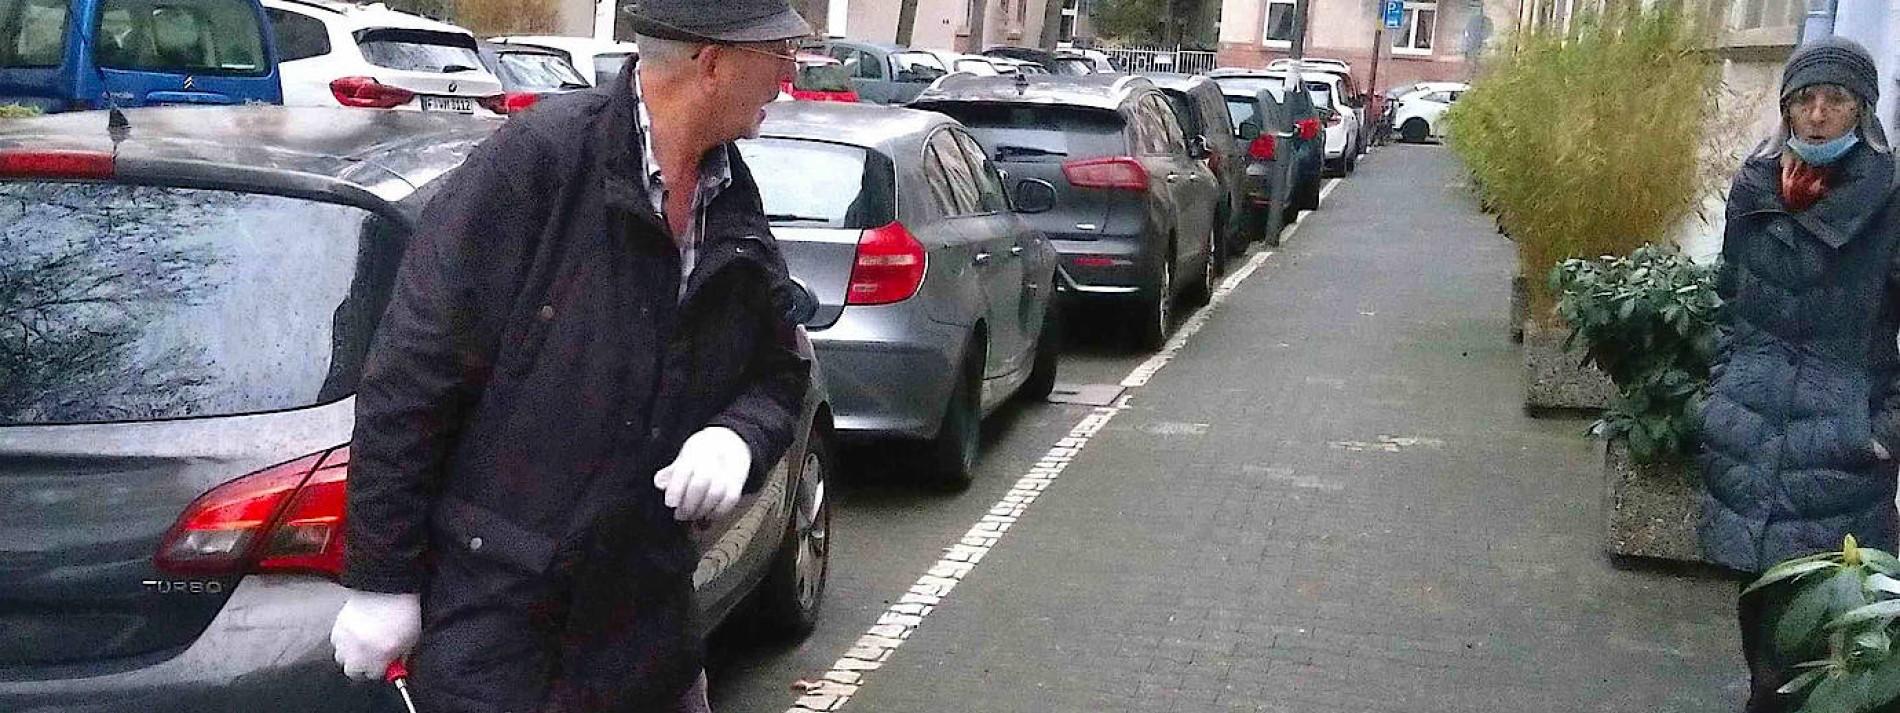 Polizei fahndet weiter nach Trickdieb-Paar